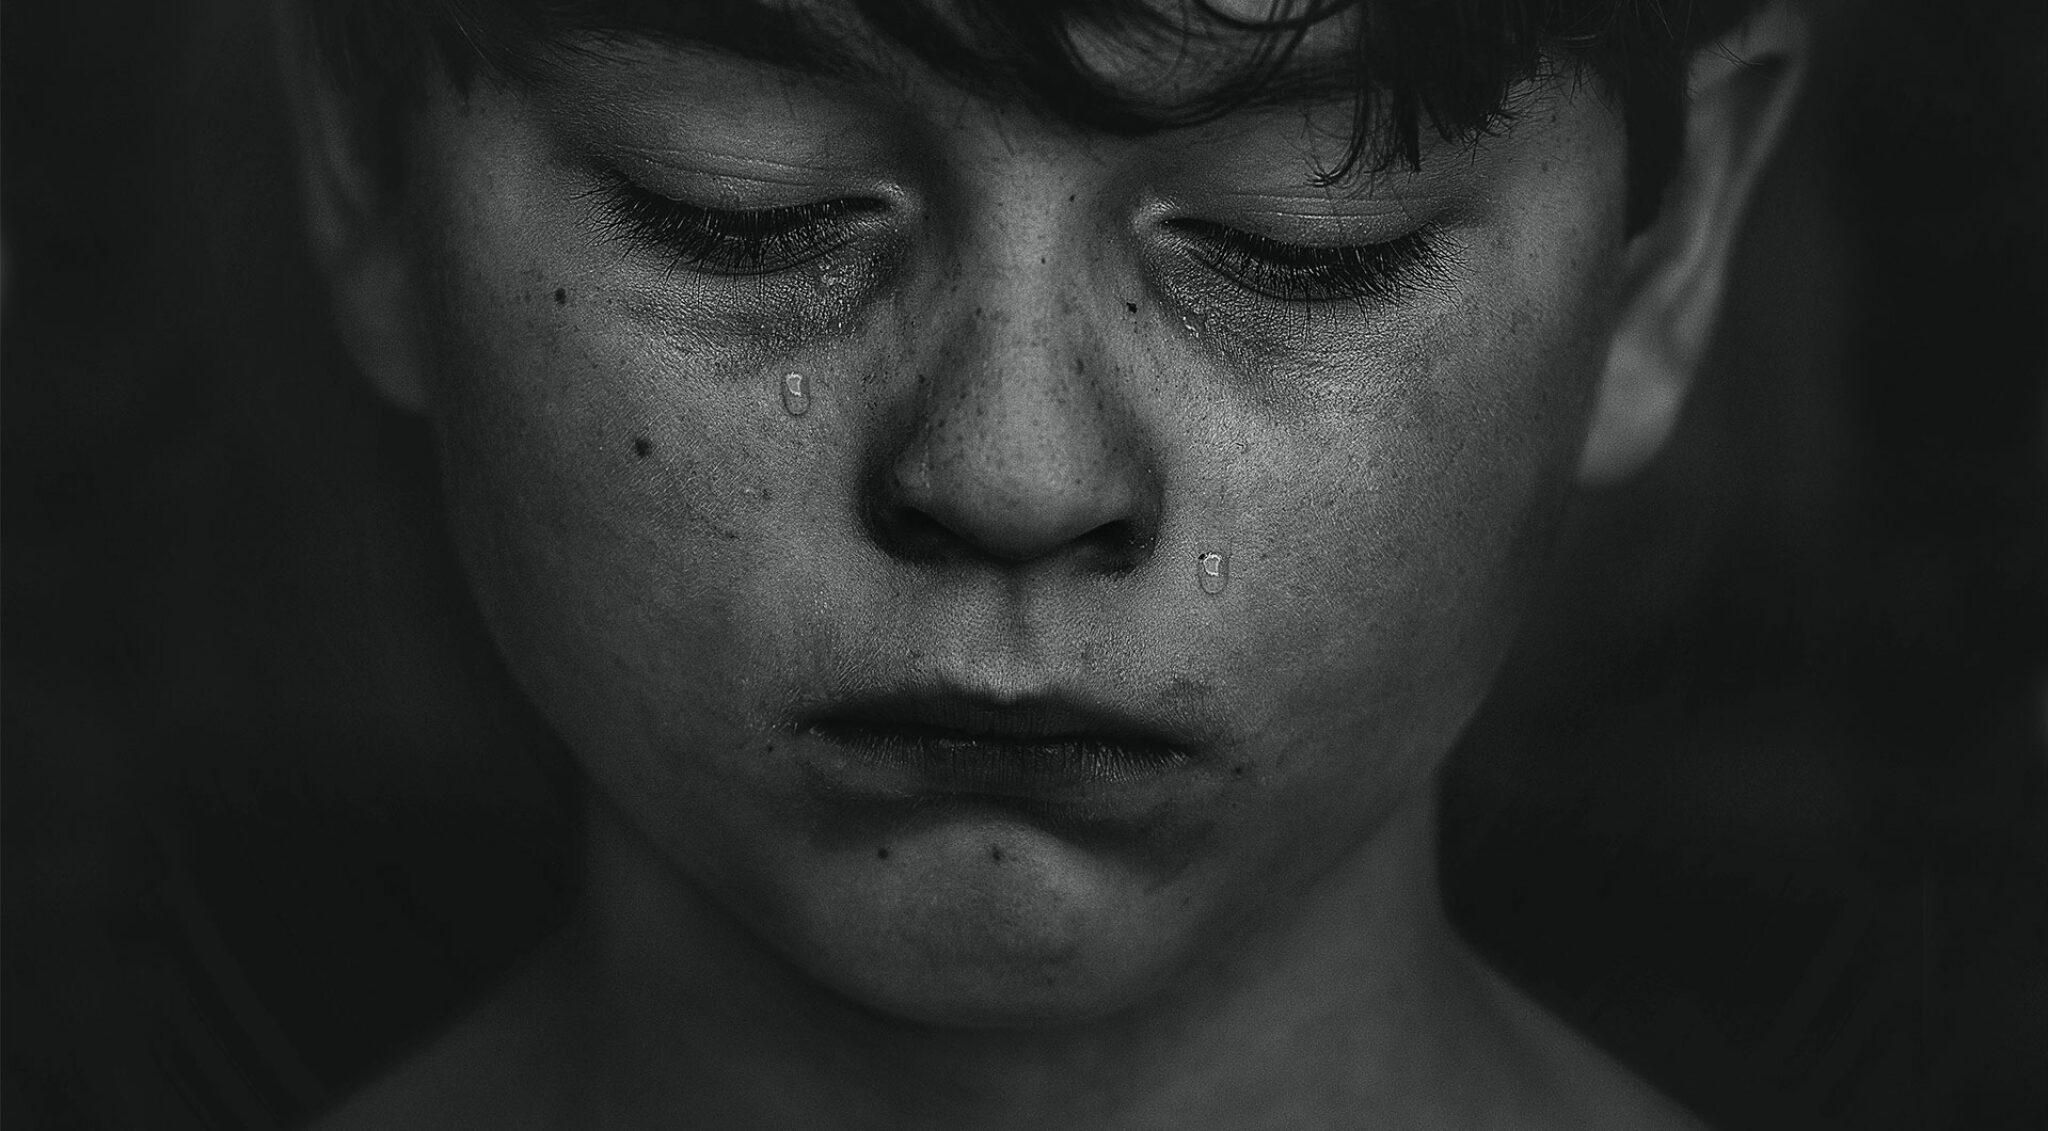 Gesicht eines Kindes mit geschlossenen Augen